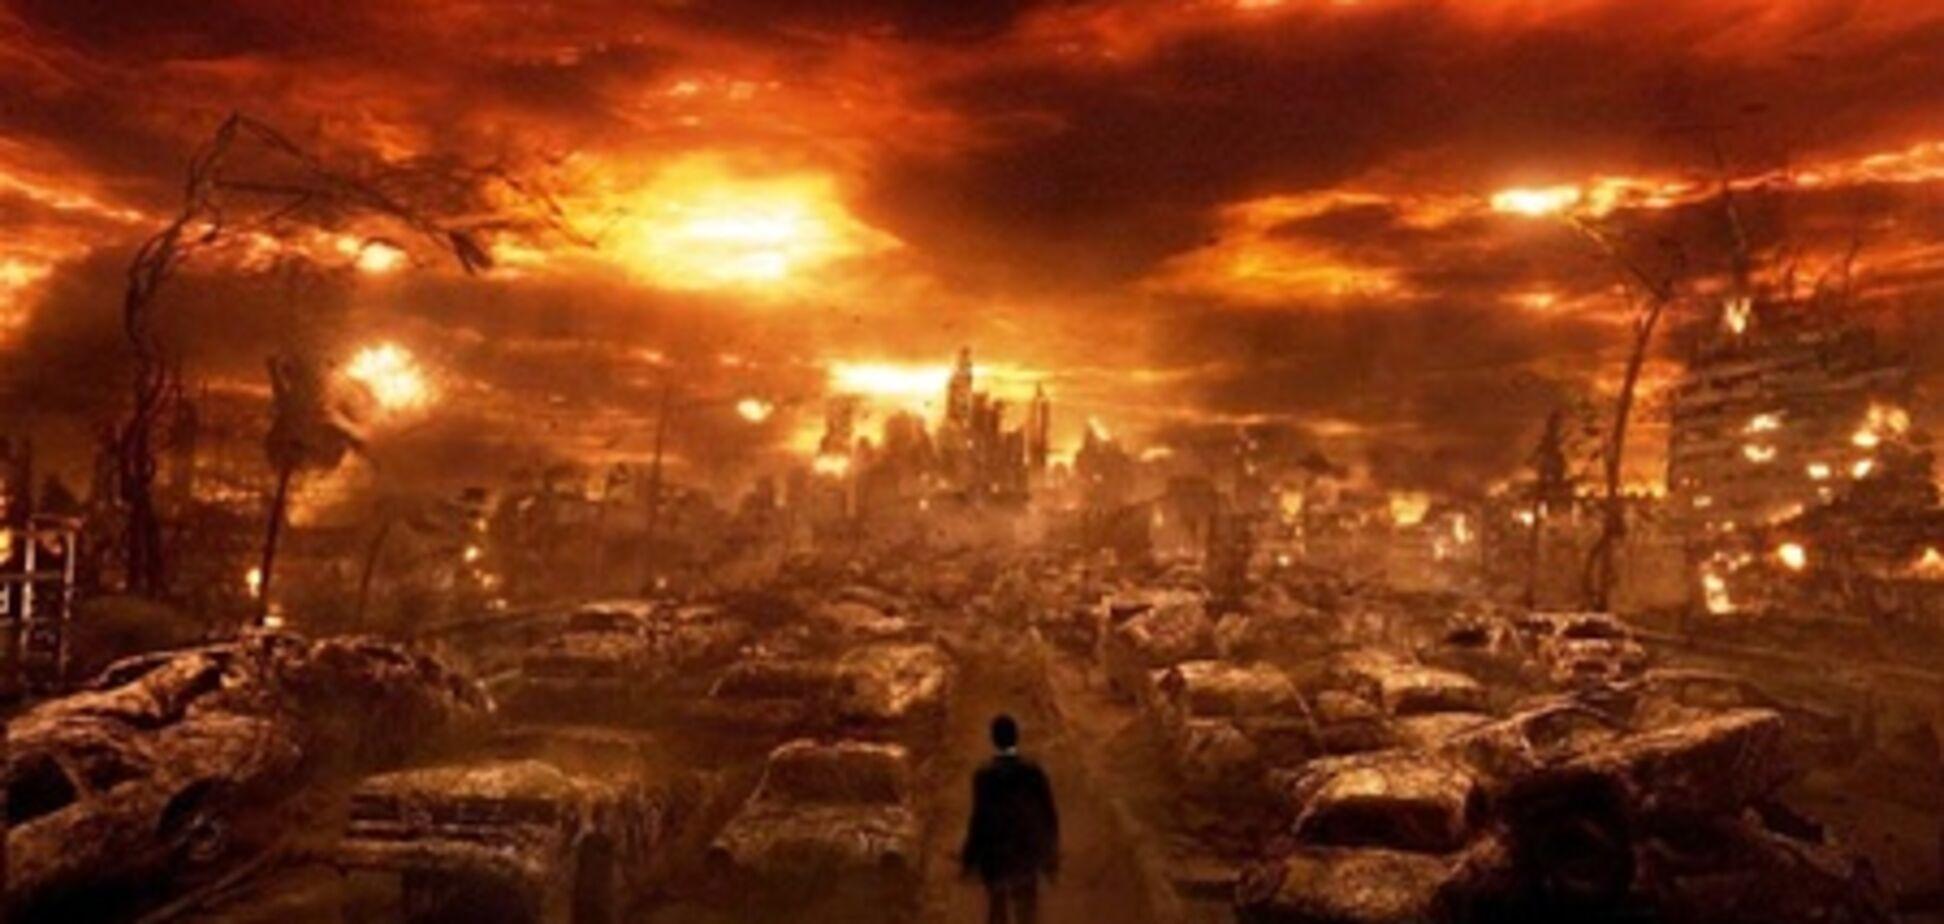 Кінець світу - не привід для паніки